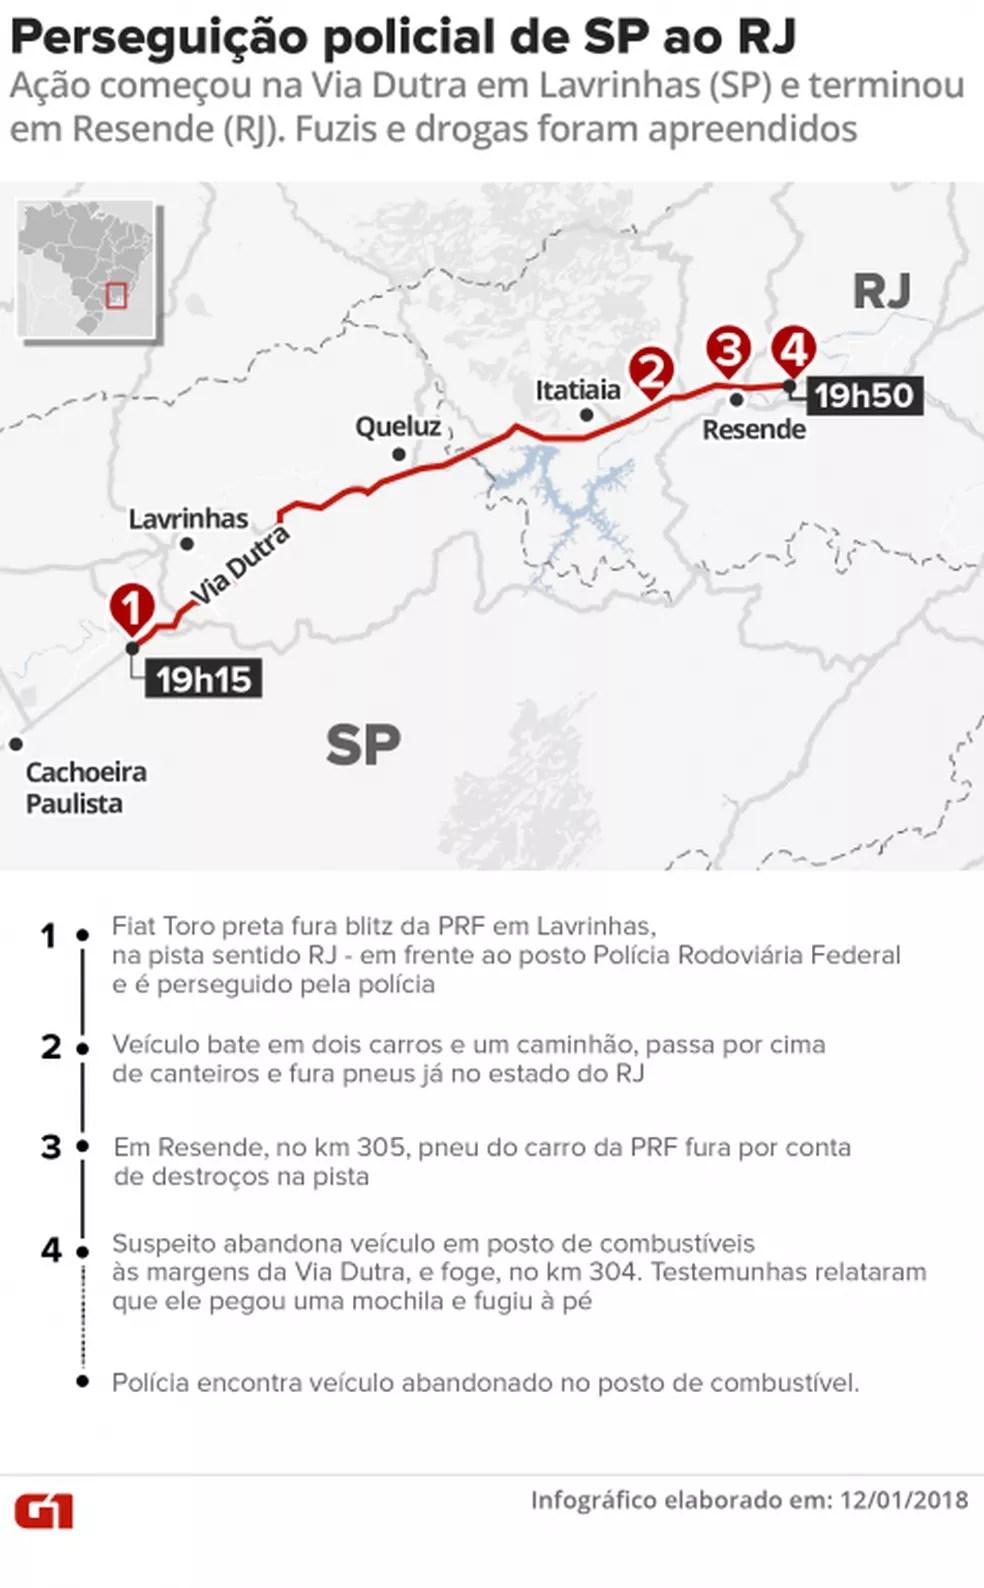 Arte feita pelo G1 detalha acontecimentos da perseguição que começou em SP e terminou no RJ (Foto: Infográfico/G1)